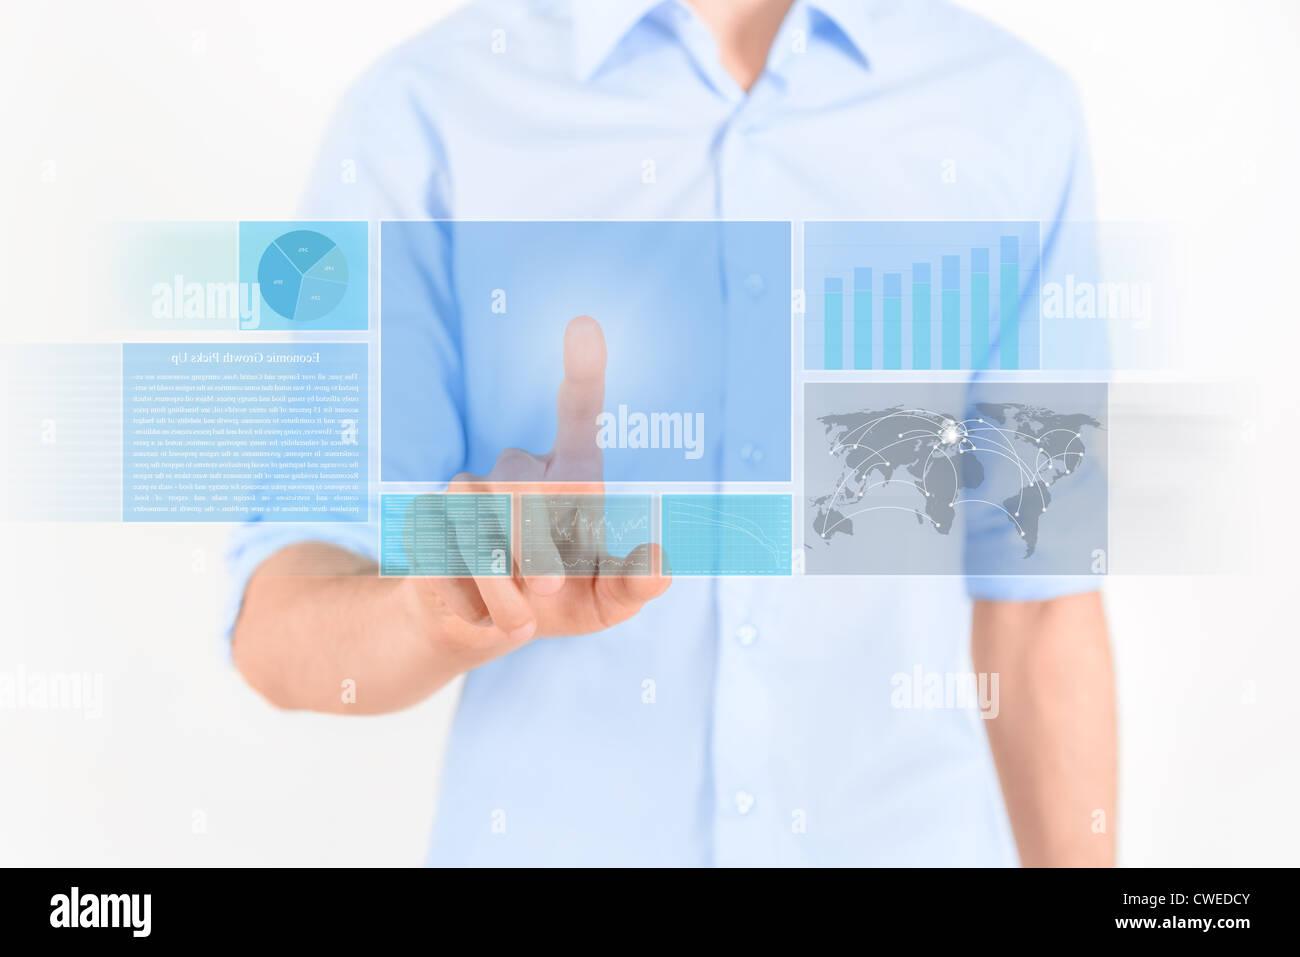 Uomo di toccare futuristico interfaccia touchscreen con alcuni grafici, Grafici e news. Isolato su bianco. Foto Stock